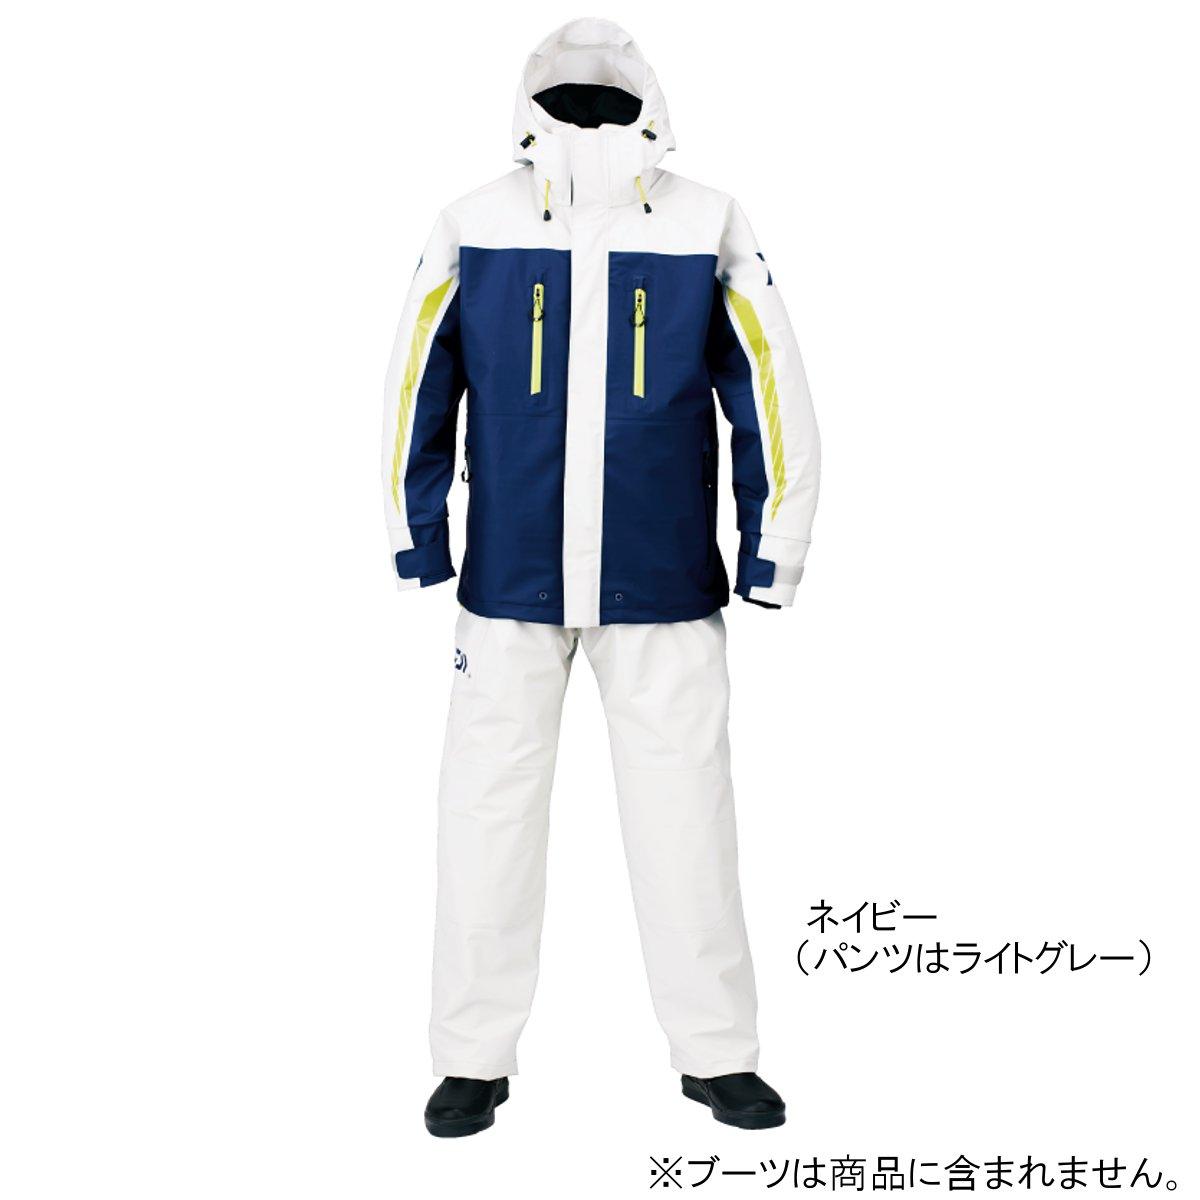 ダイワ PUオーシャンサロペットレインスーツ DR-6007 M ネイビー(東日本店)